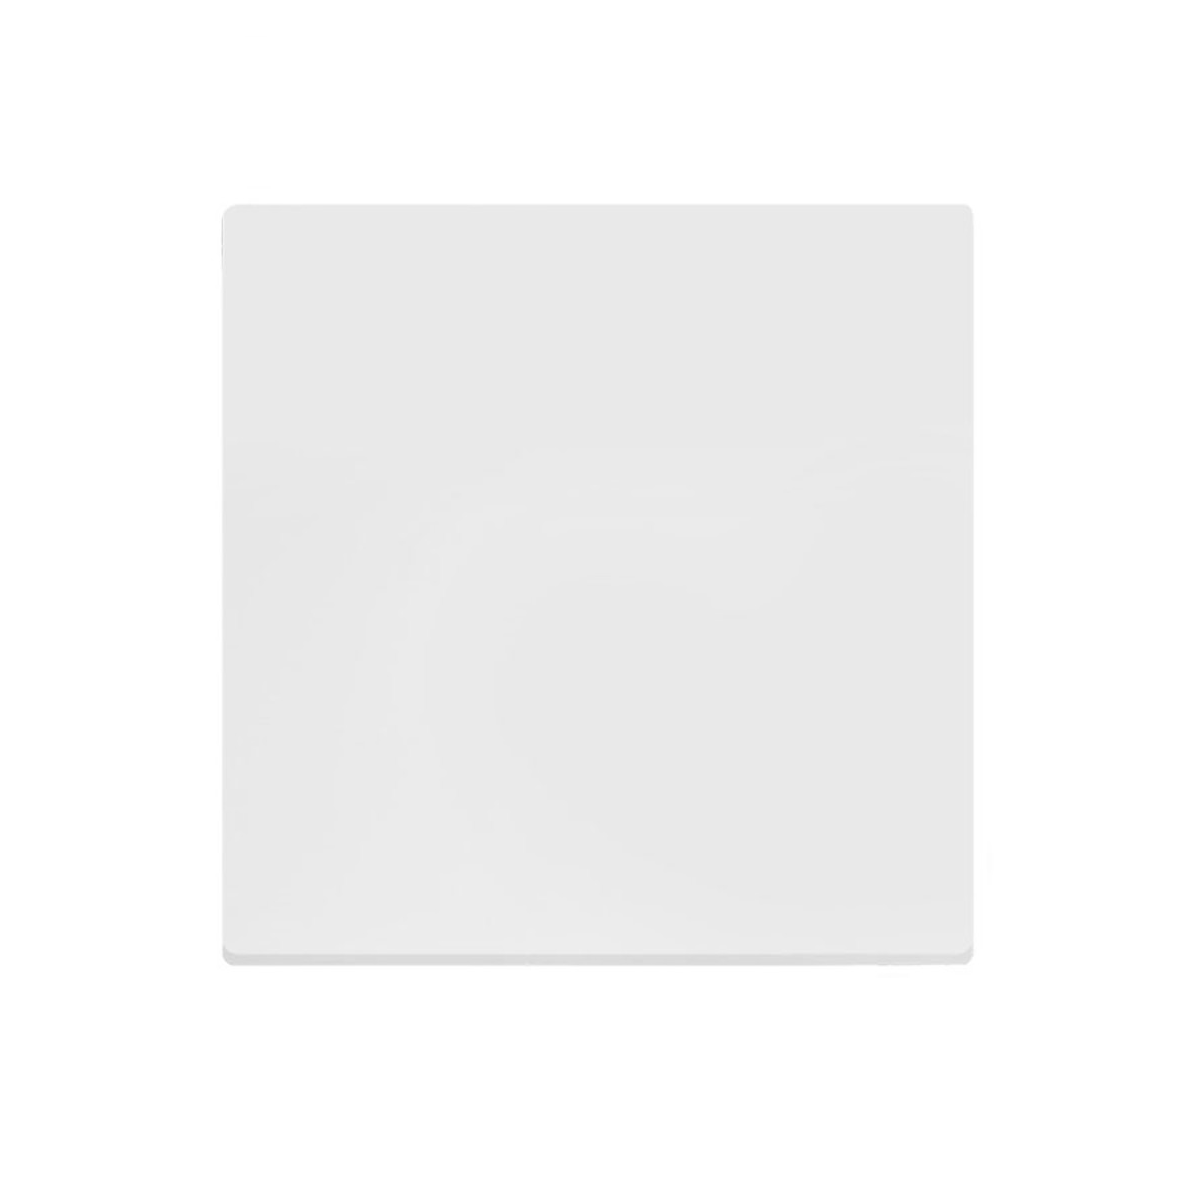 Tampo de Mesa Quadrado Branco Chanfrado 68cm